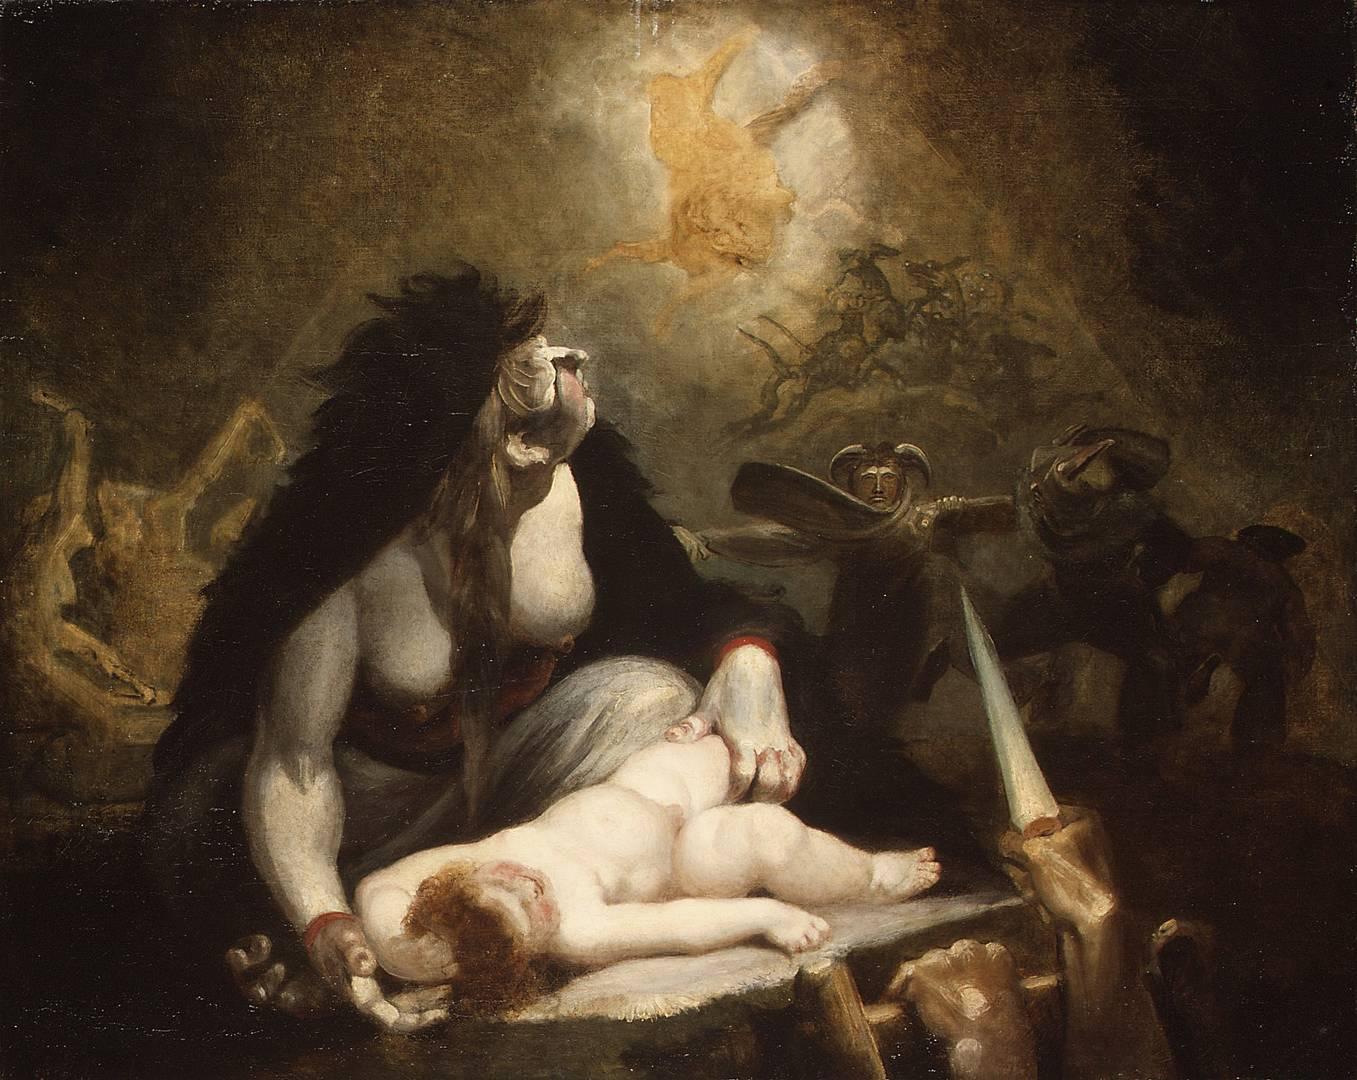 Иоганн Генрих Фюссли. Визит ночной ведьмы. 1796